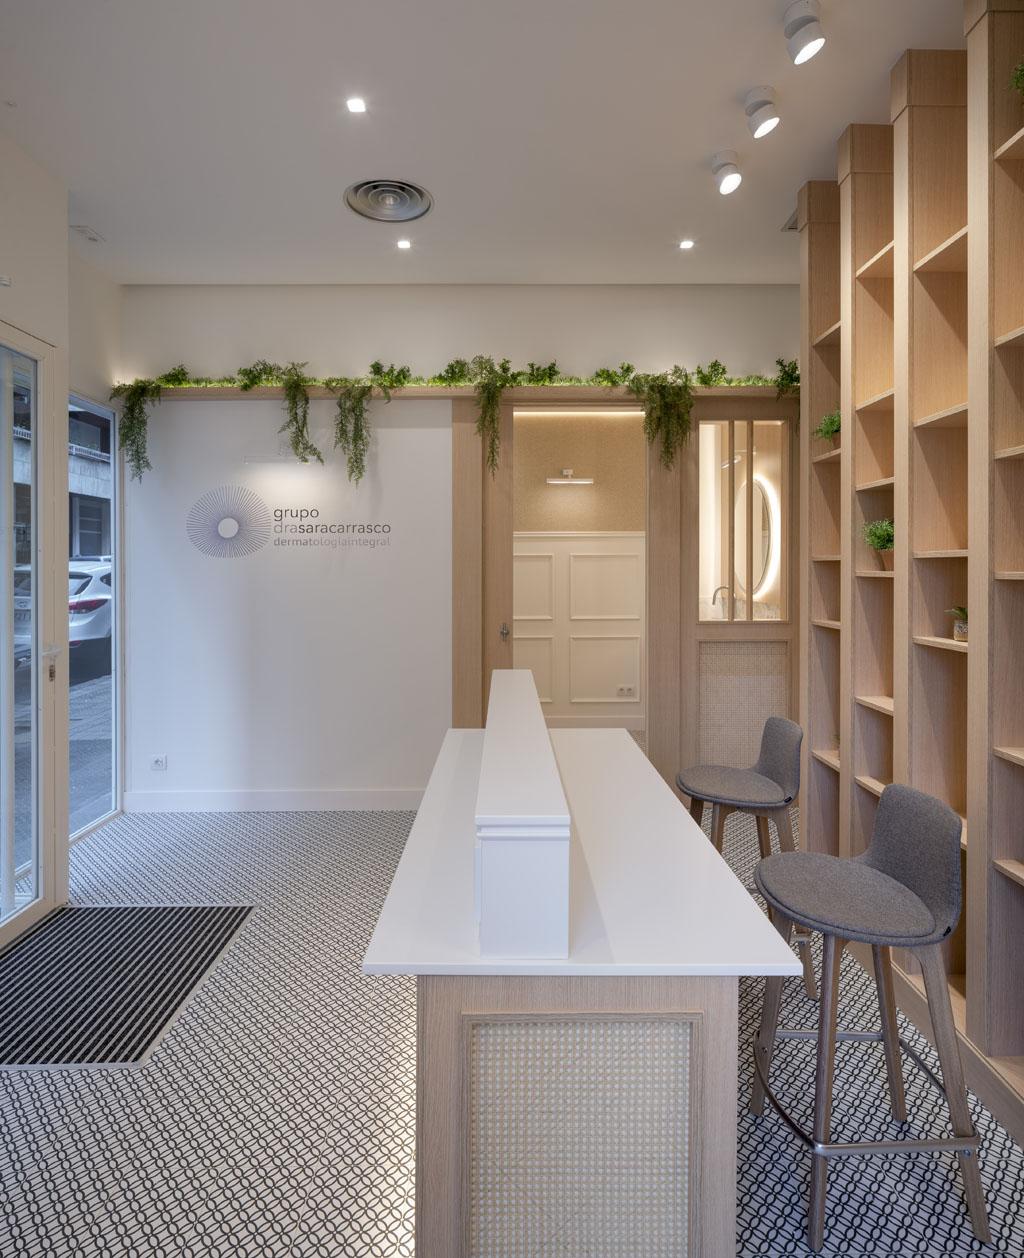 CLINICA_WEB_009-Erlantz Biderbost fotografo de arquitectura e interiores